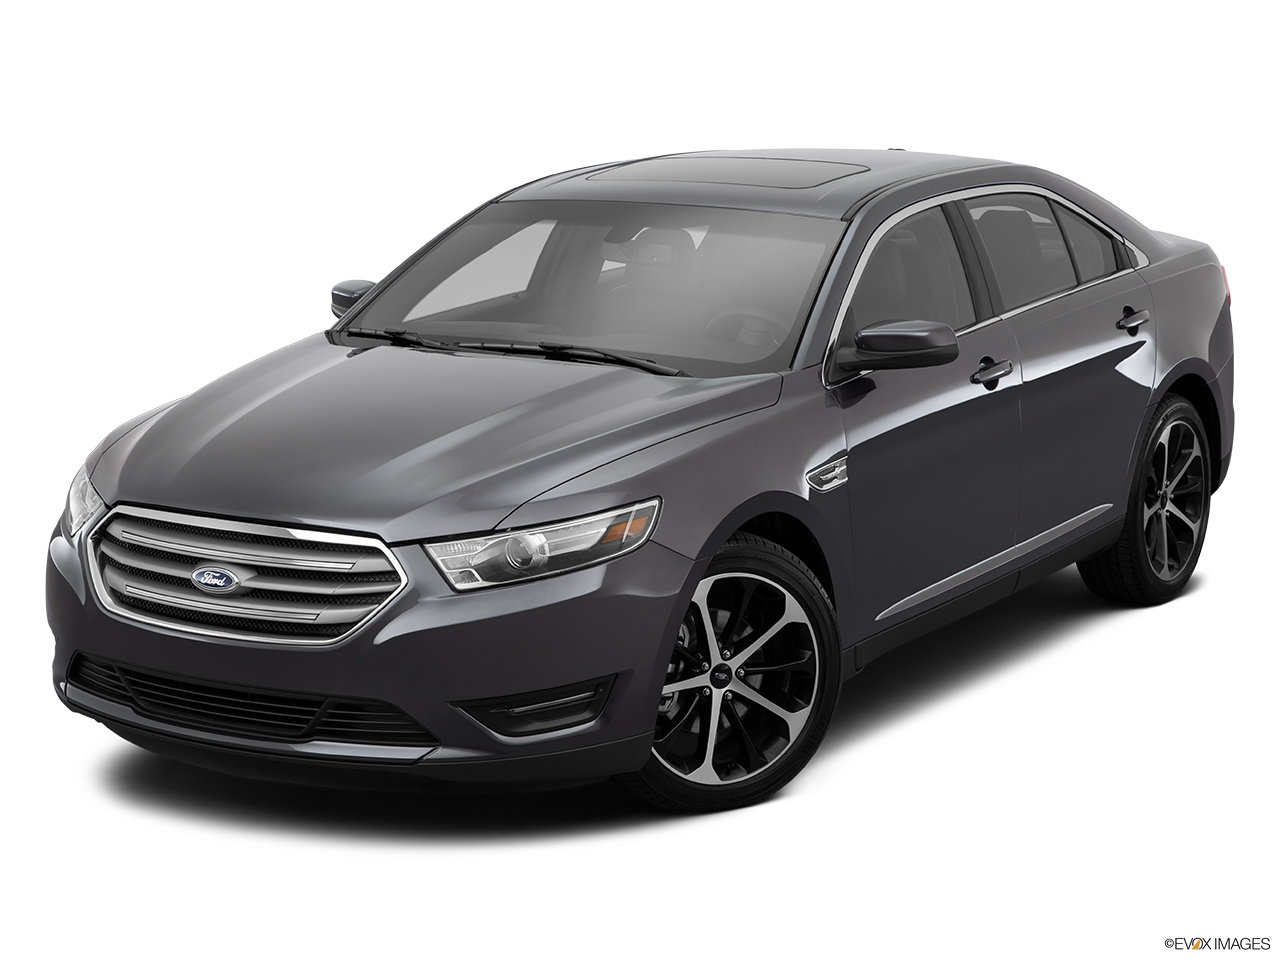 2015 ford taurus limited awd sedan. Black Bedroom Furniture Sets. Home Design Ideas